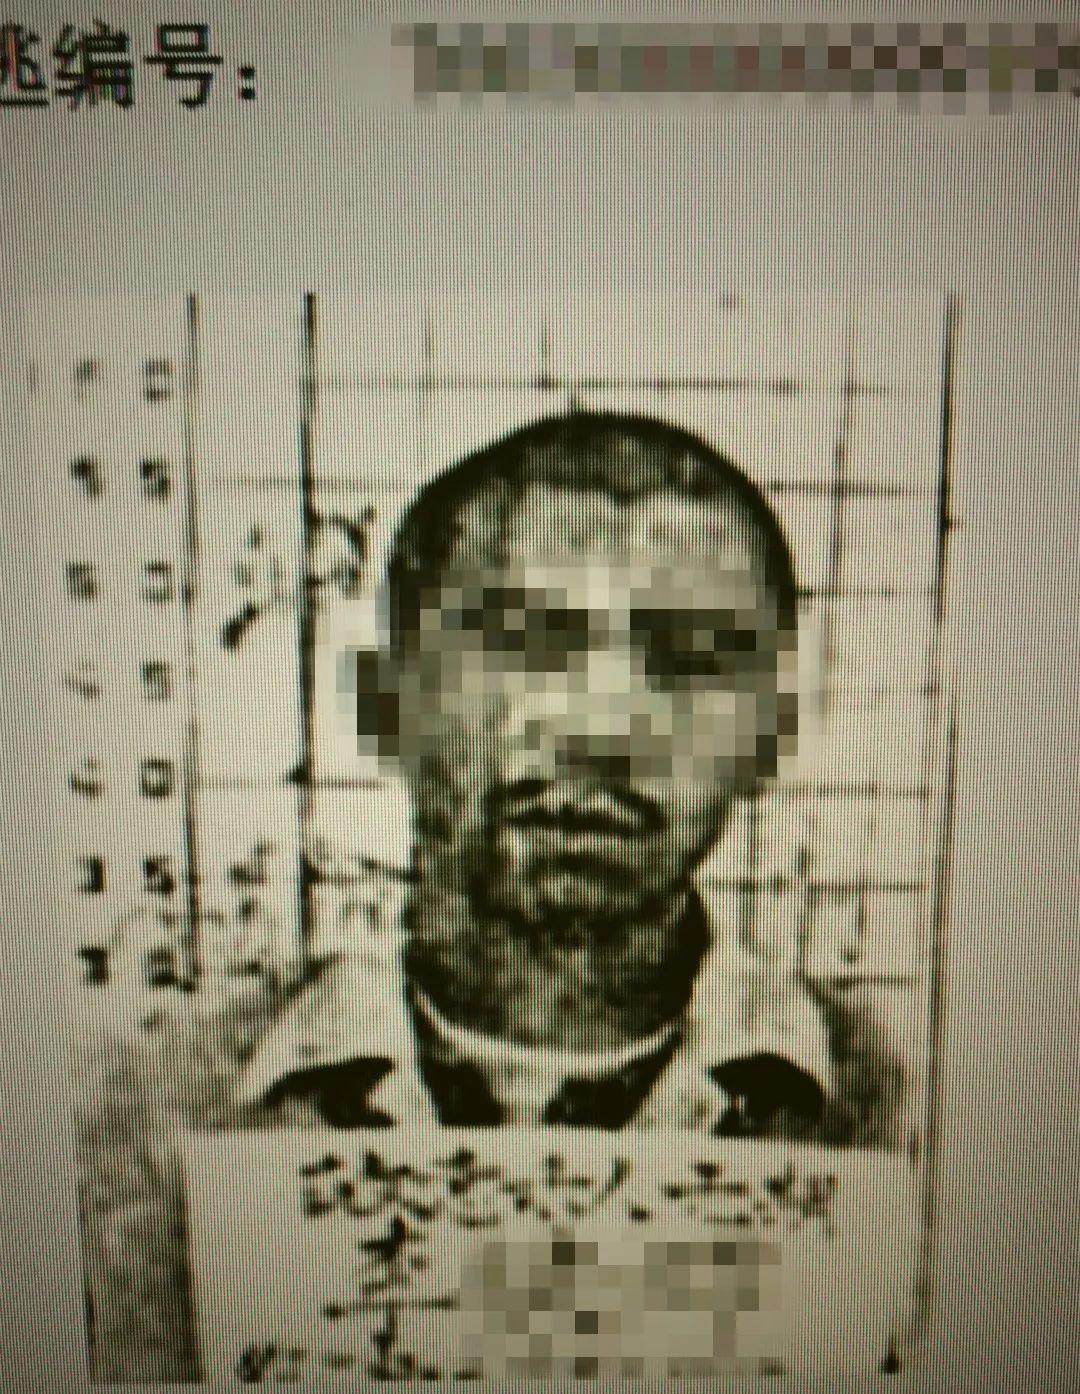 27年前�⑷伺�o期后越�z,警察找到他�r淡定�l��……